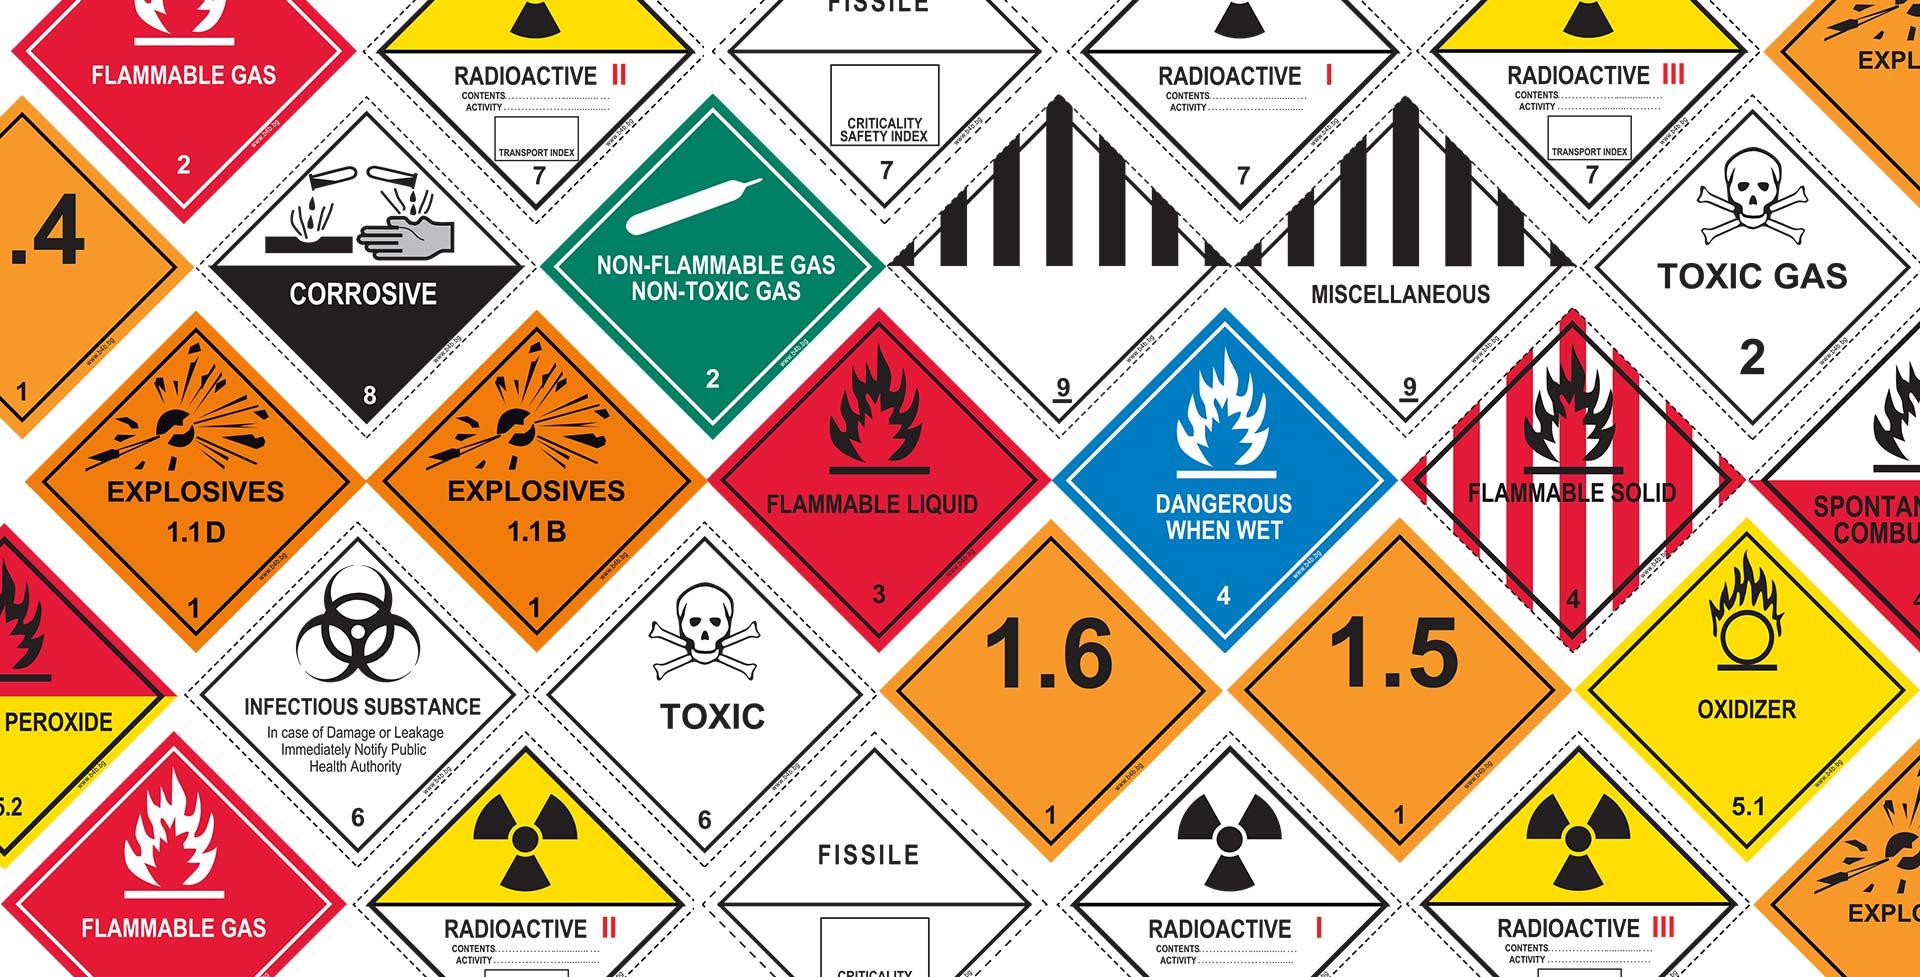 Етикети за опасни товари